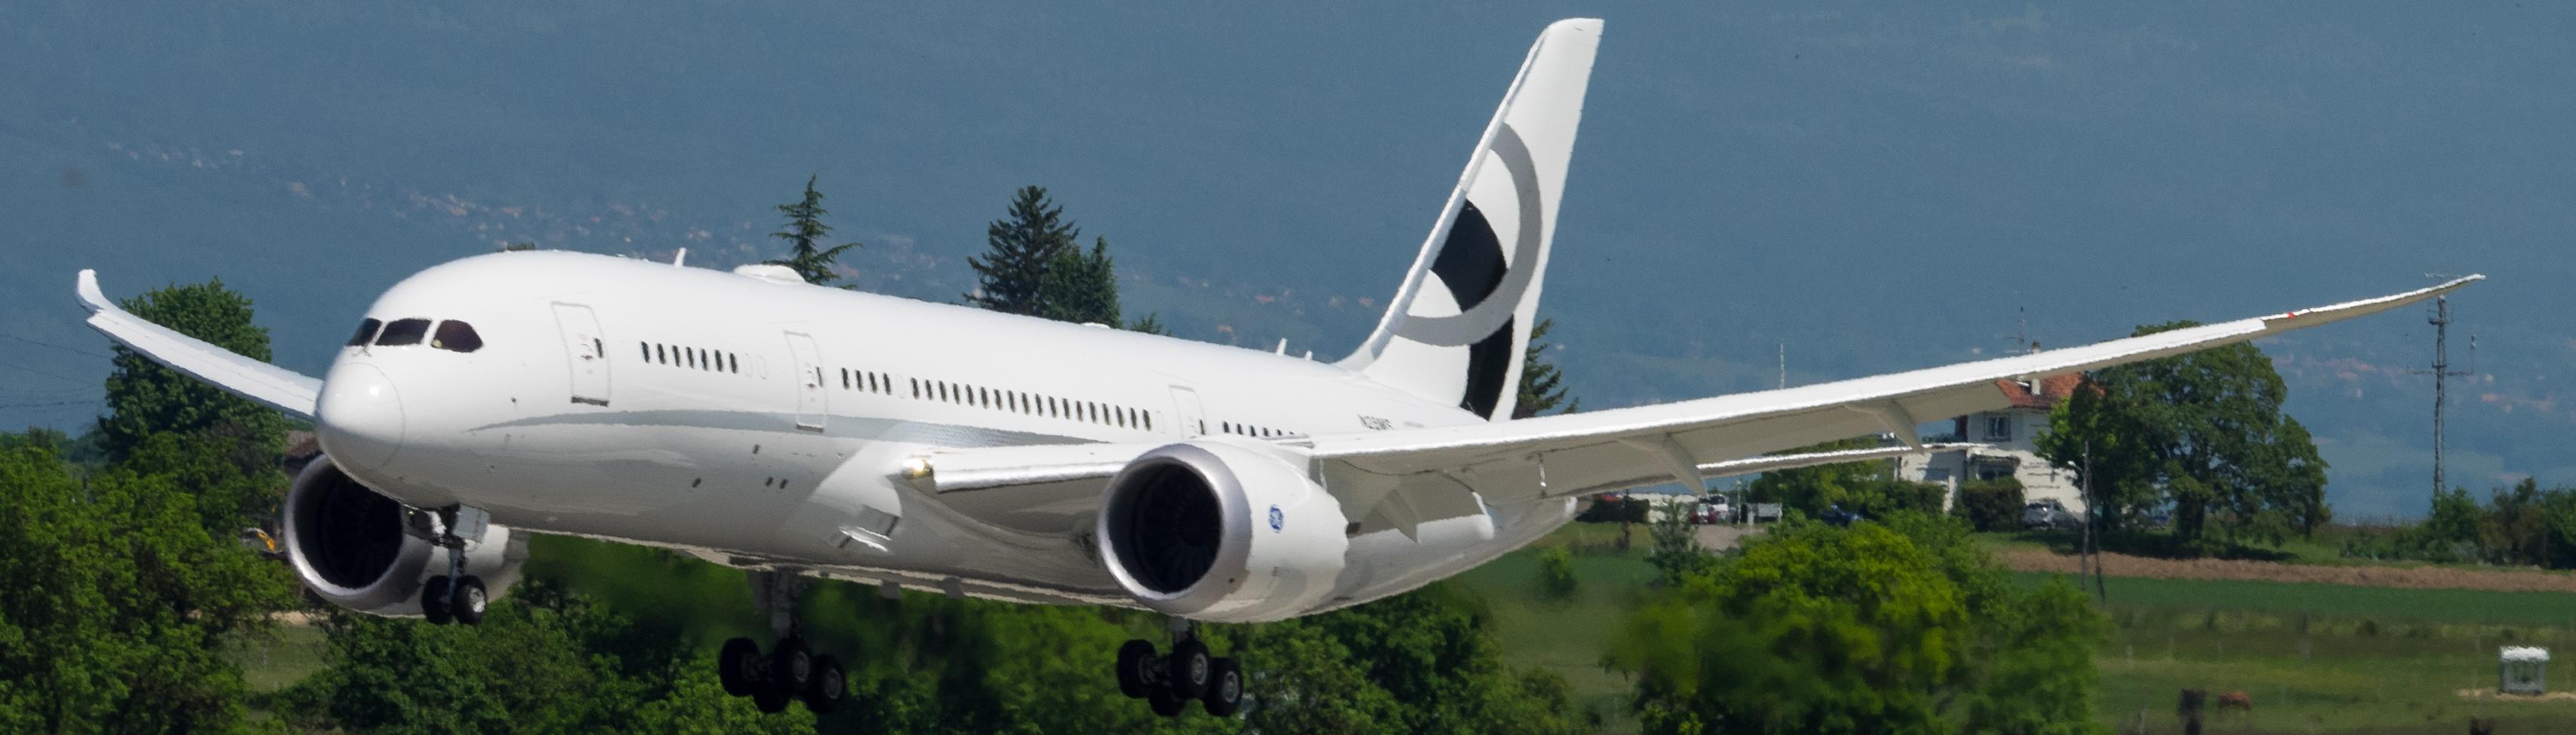 File:Jet Aviation Flight Services, Boeing 787-8 Dreamliner